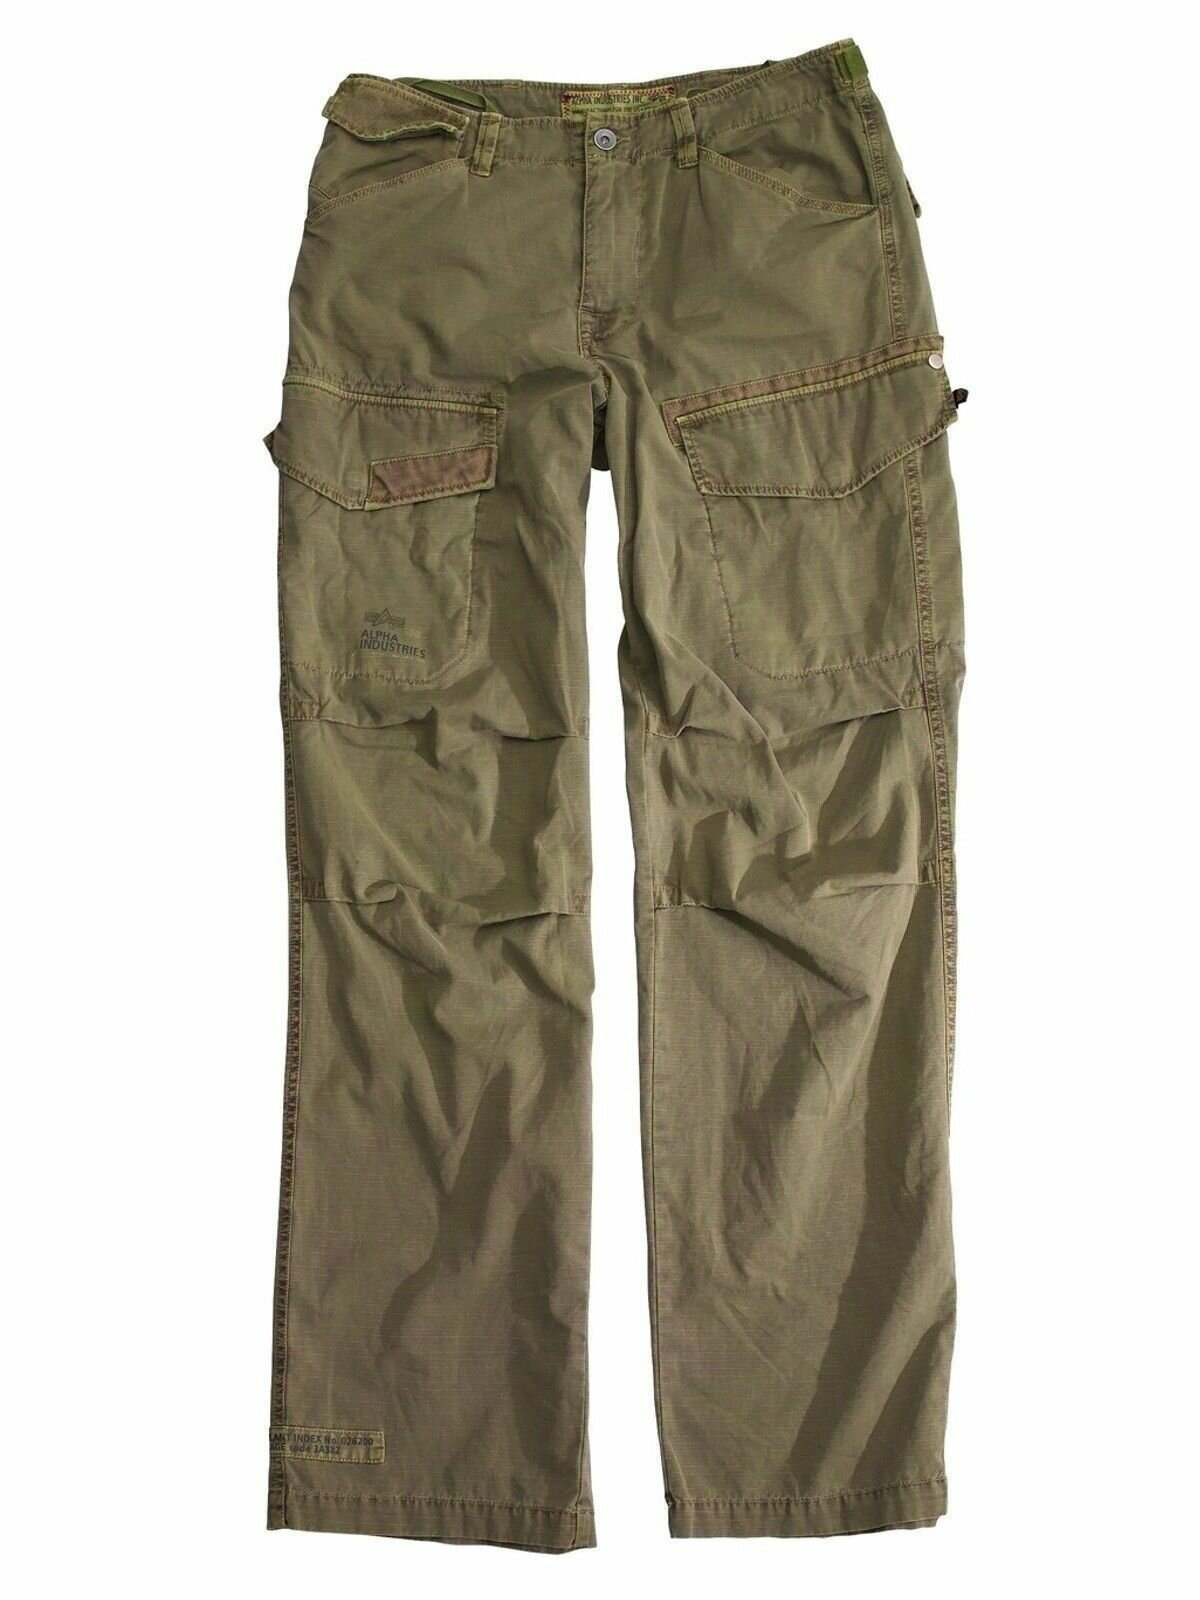 Защитные штаны Alpha в Вологде